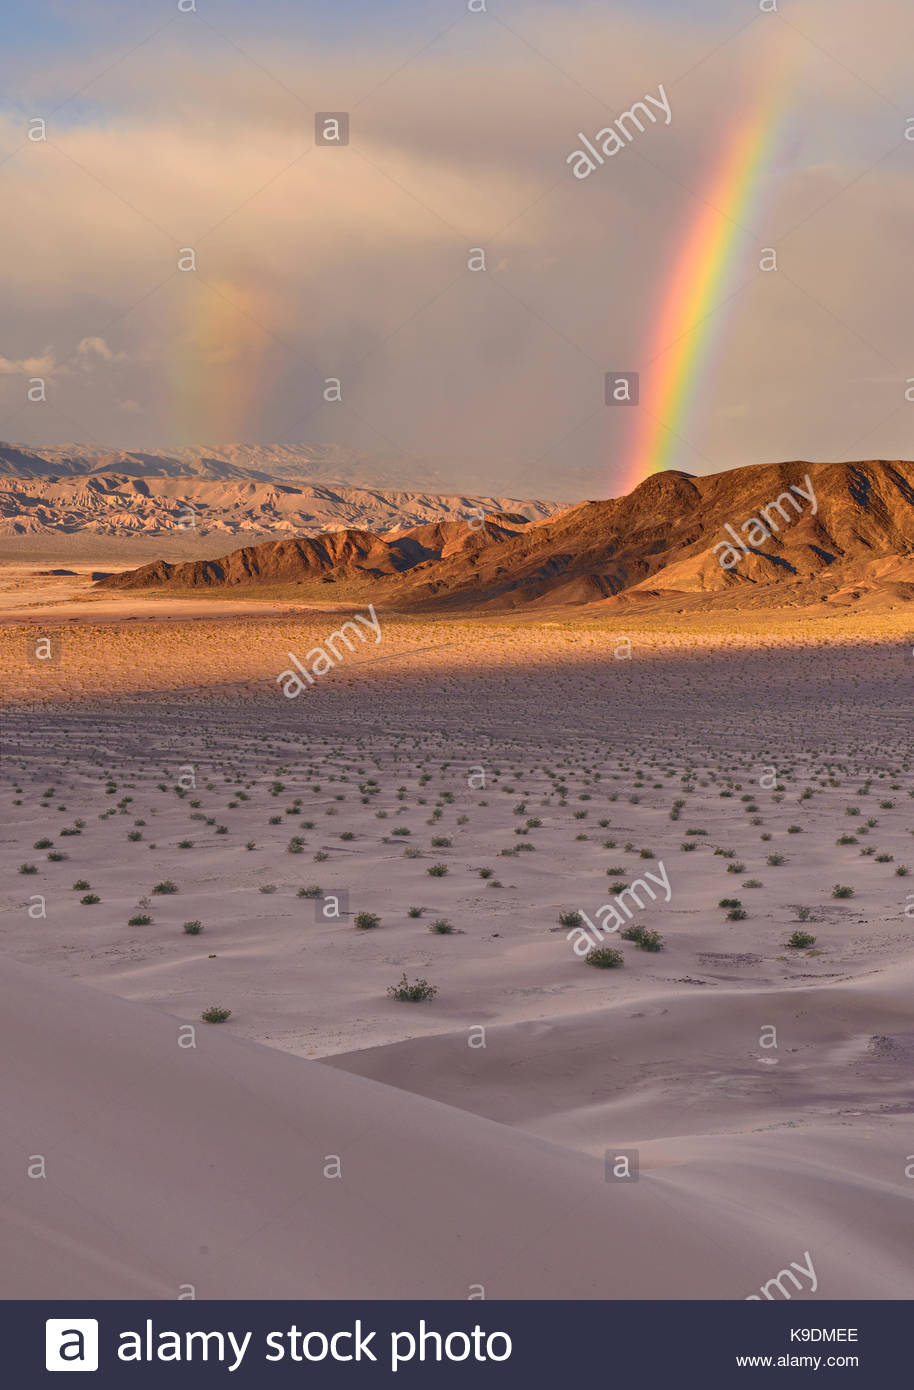 Doppelter Regenbogen über Saratoga Feder von Ibex Dünen, Death Valley National Park, Kalifornien Stockbild